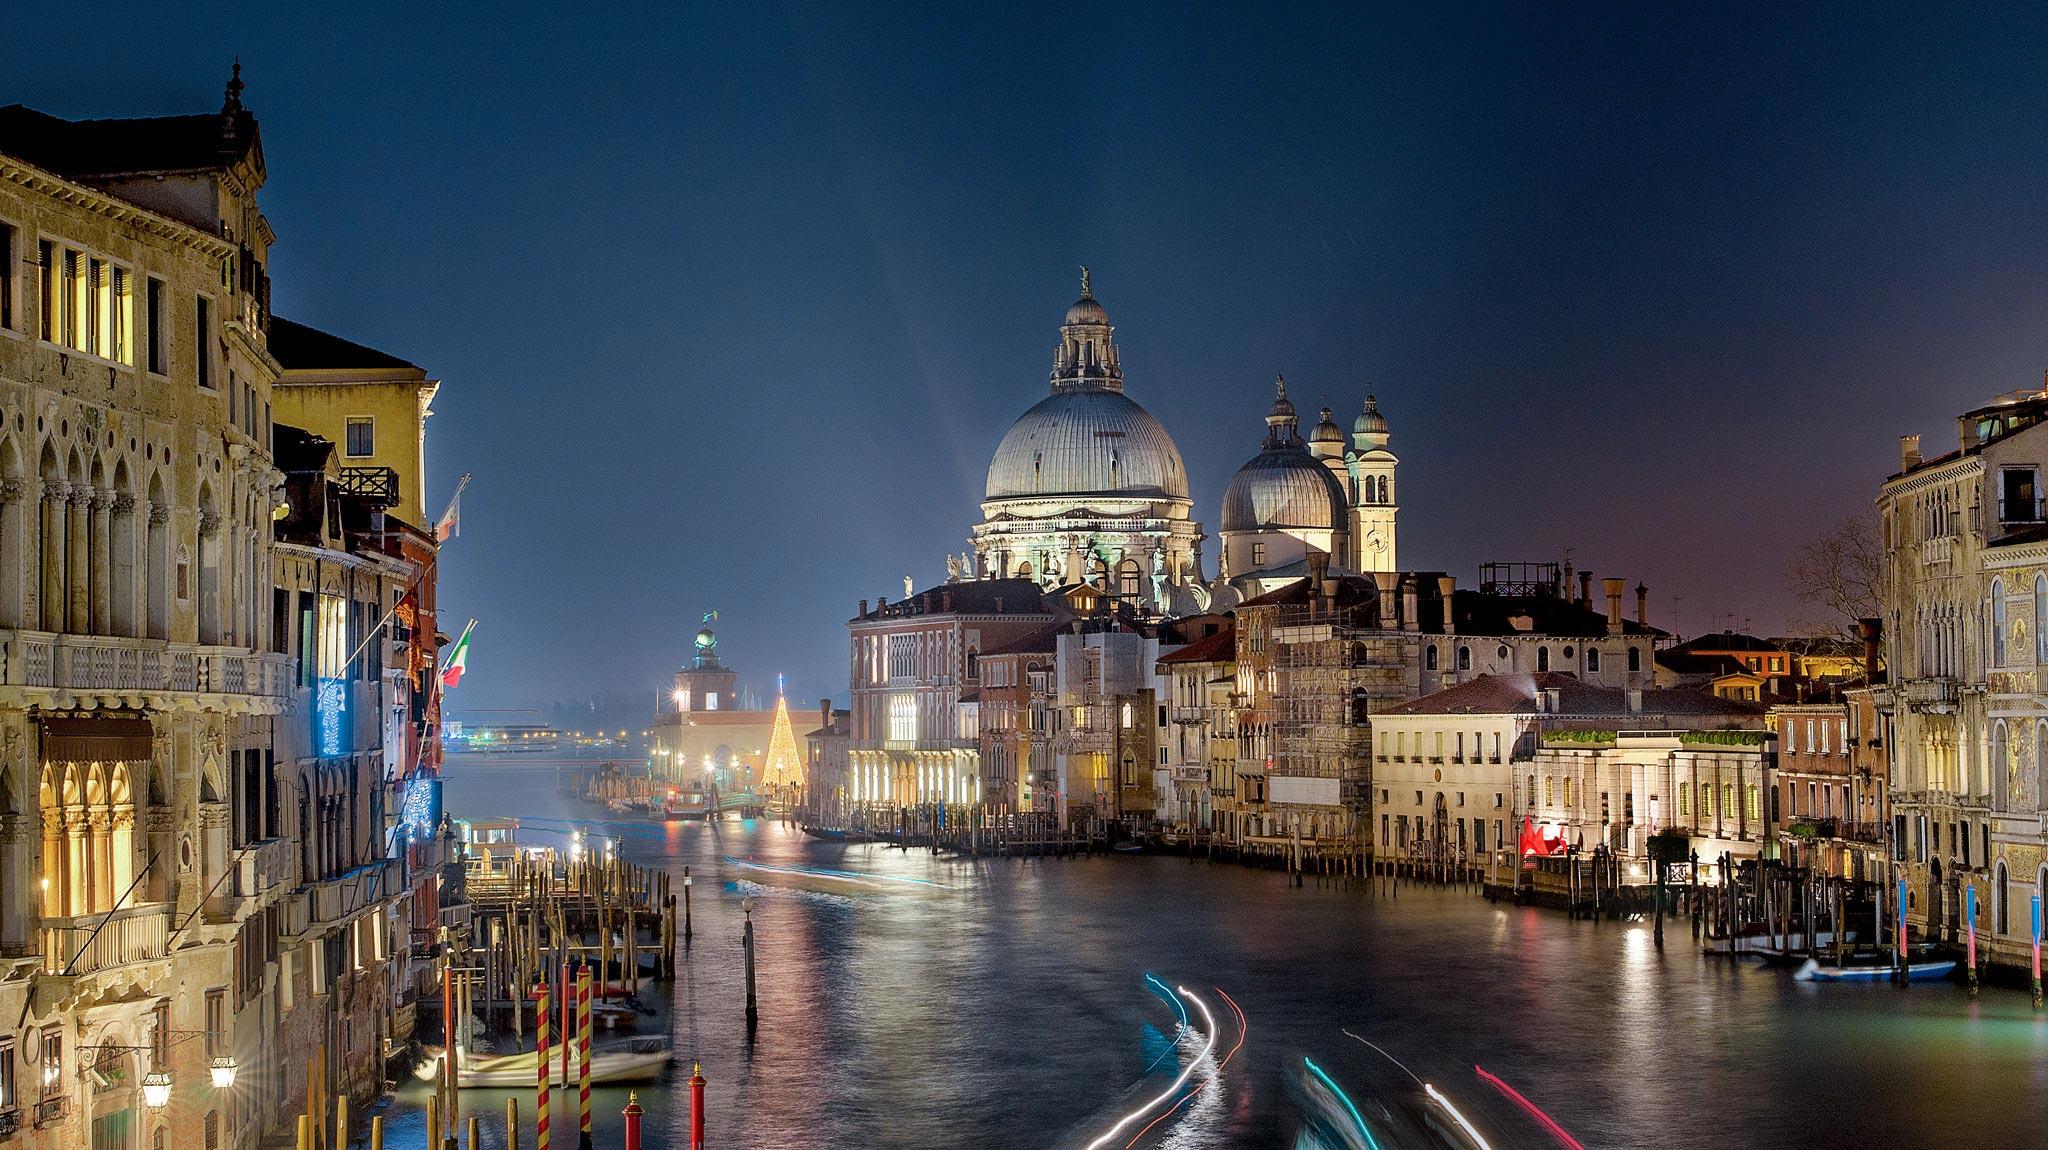 Paesaggi-Italia - DSC 5479 - Fotografia-notturna-Venezia-Canal-Grande - Fotografia-notturna-Venezia-Canal-Grande